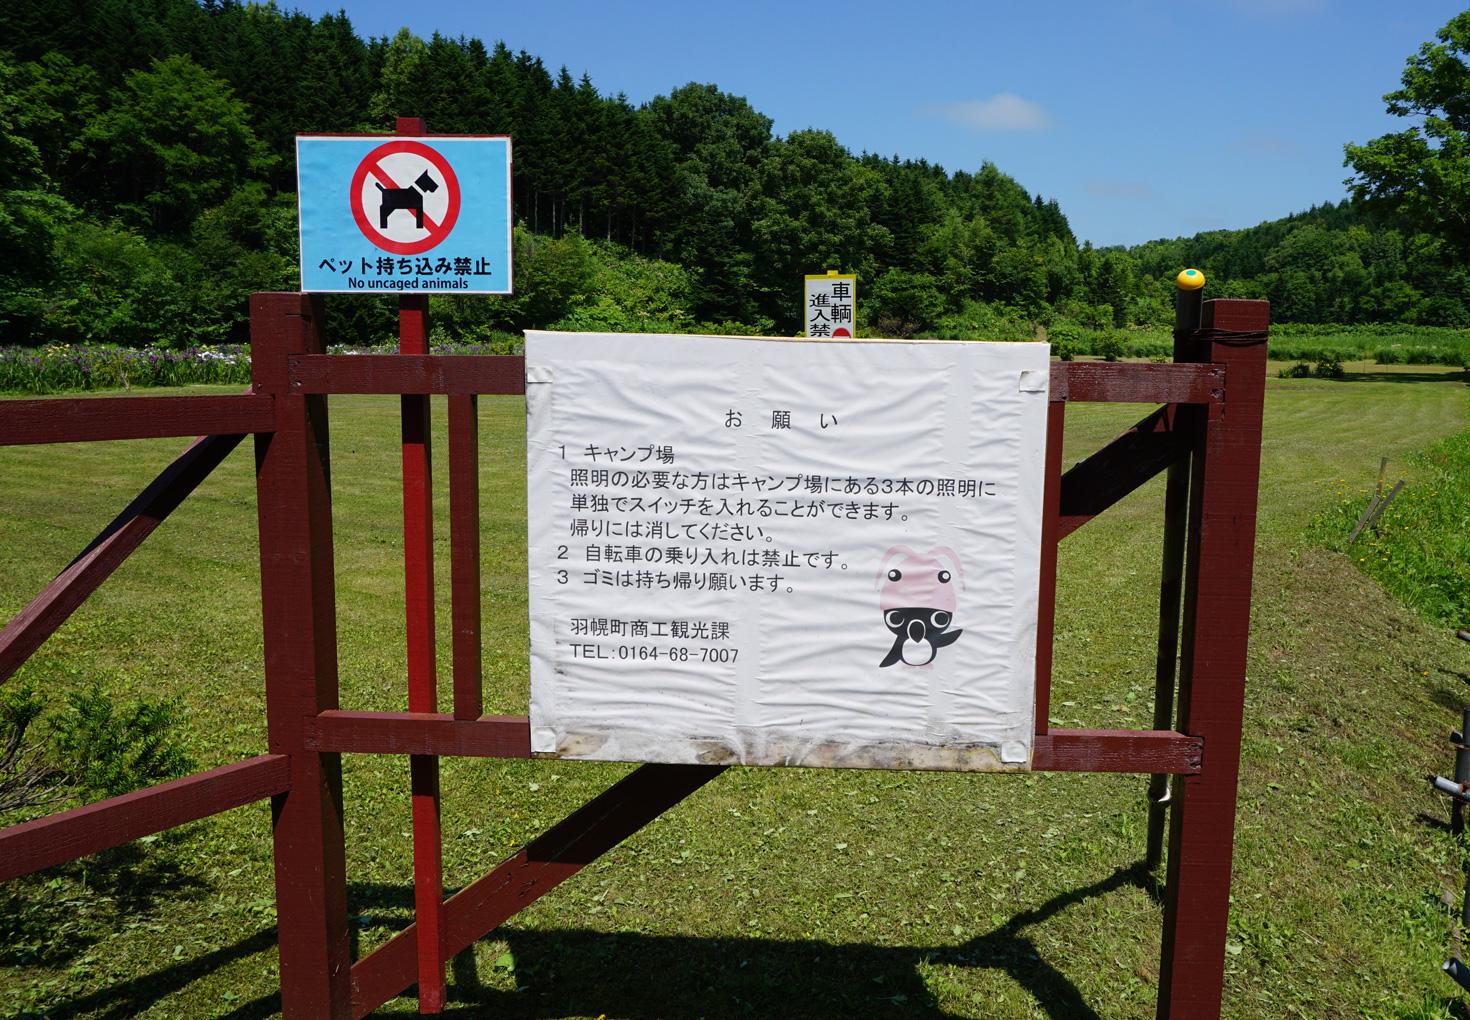 朝日公園花しょうぶ園キャンプ場02